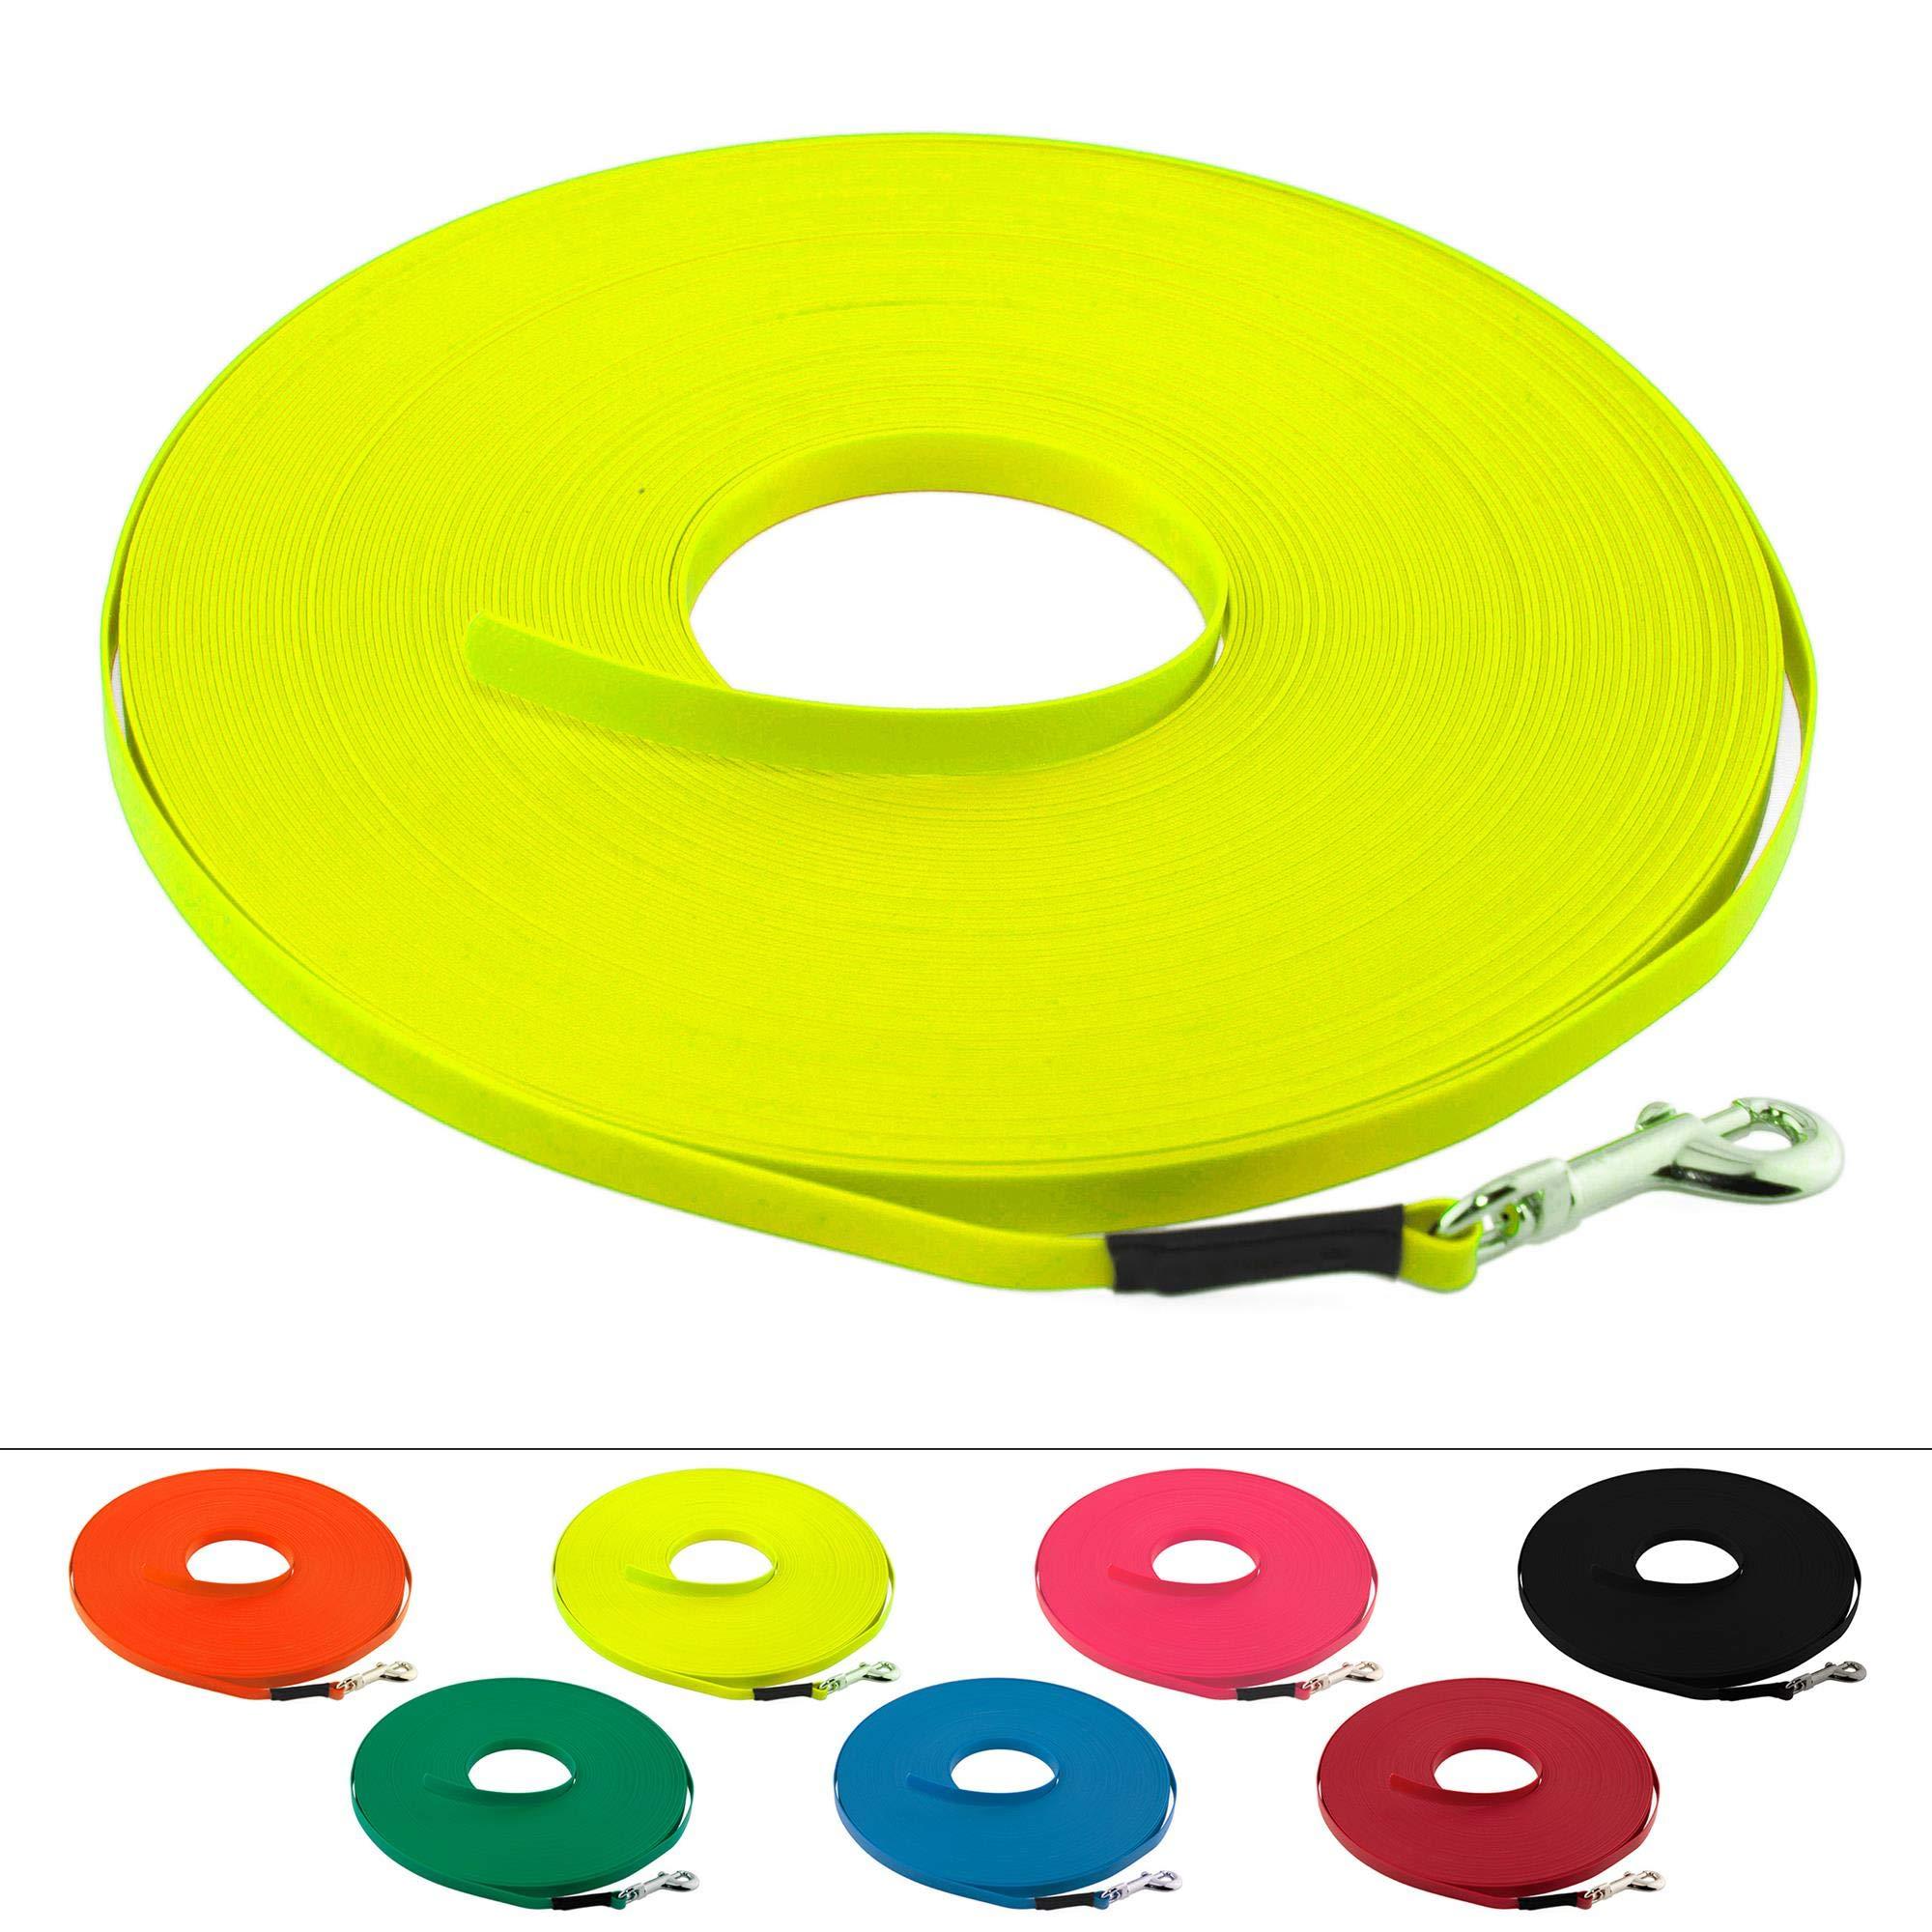 Leichte BioThane Schleppleine für Hunde bis 5kg, 9 mm breit, ohne Handschlaufe, bis zu 60 Meter Länge, genäht, in vielen Farben product image